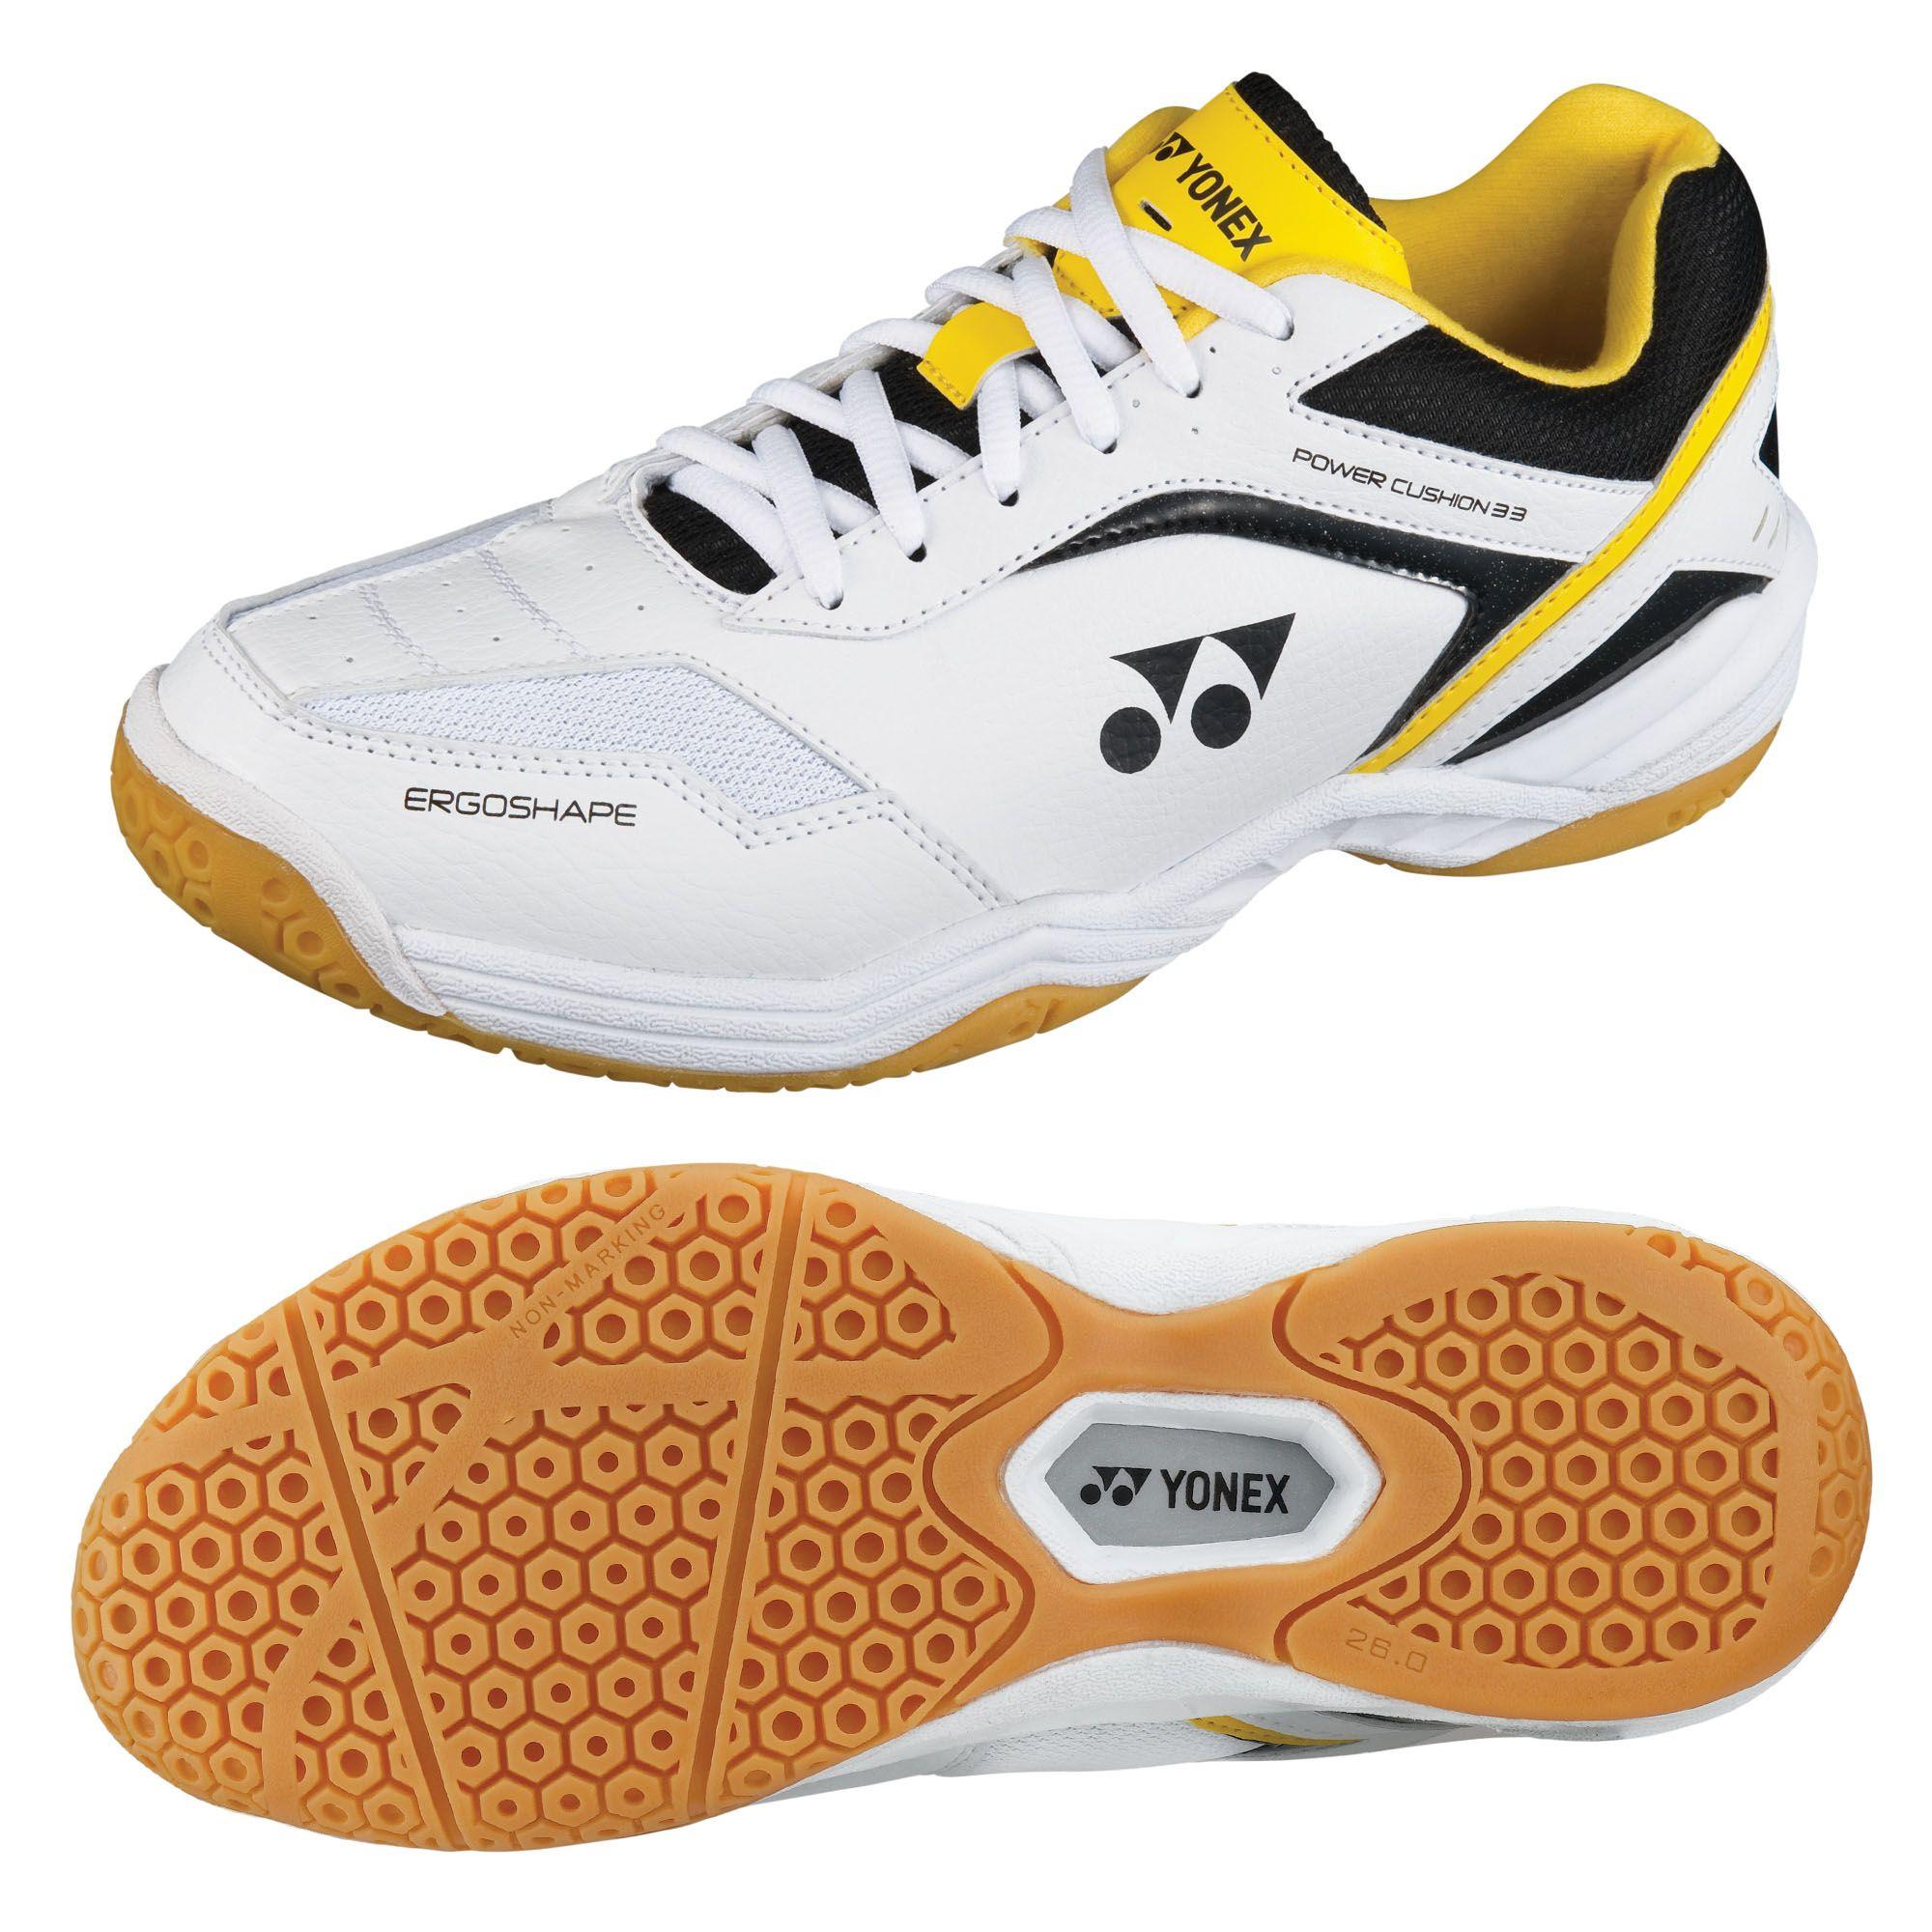 yonex_shb_87r_mens_badminton_shoes_yonex_shb_33ex_mens_badminton_shoes